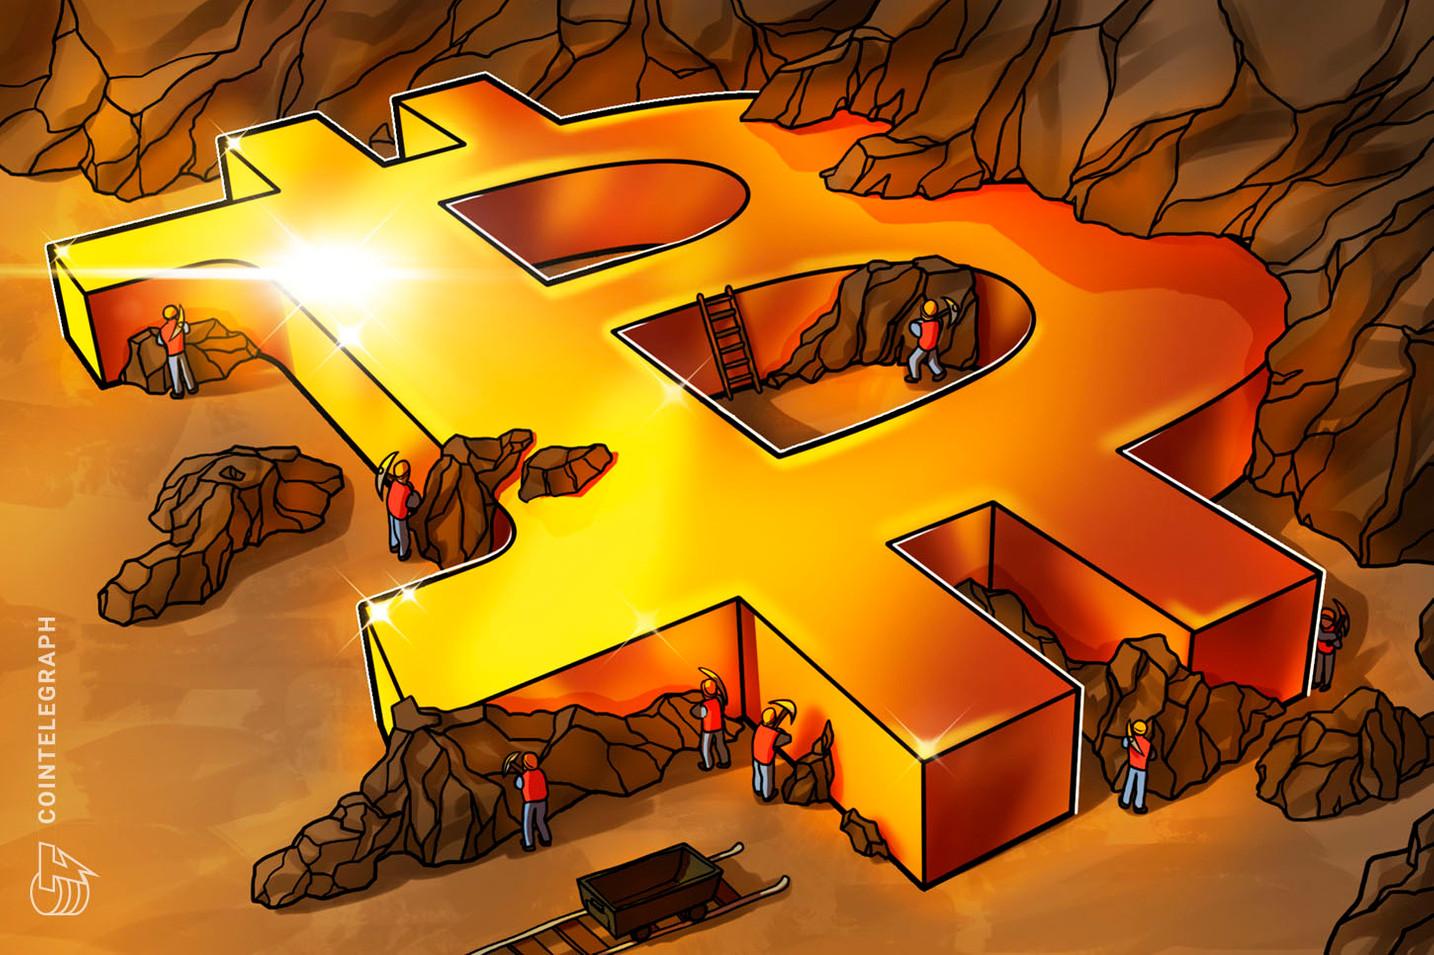 """Los mineros activos de Bitcoin ahora son vendedores """"improbables"""" debido al aumento de las ganancias, revelan los datos"""